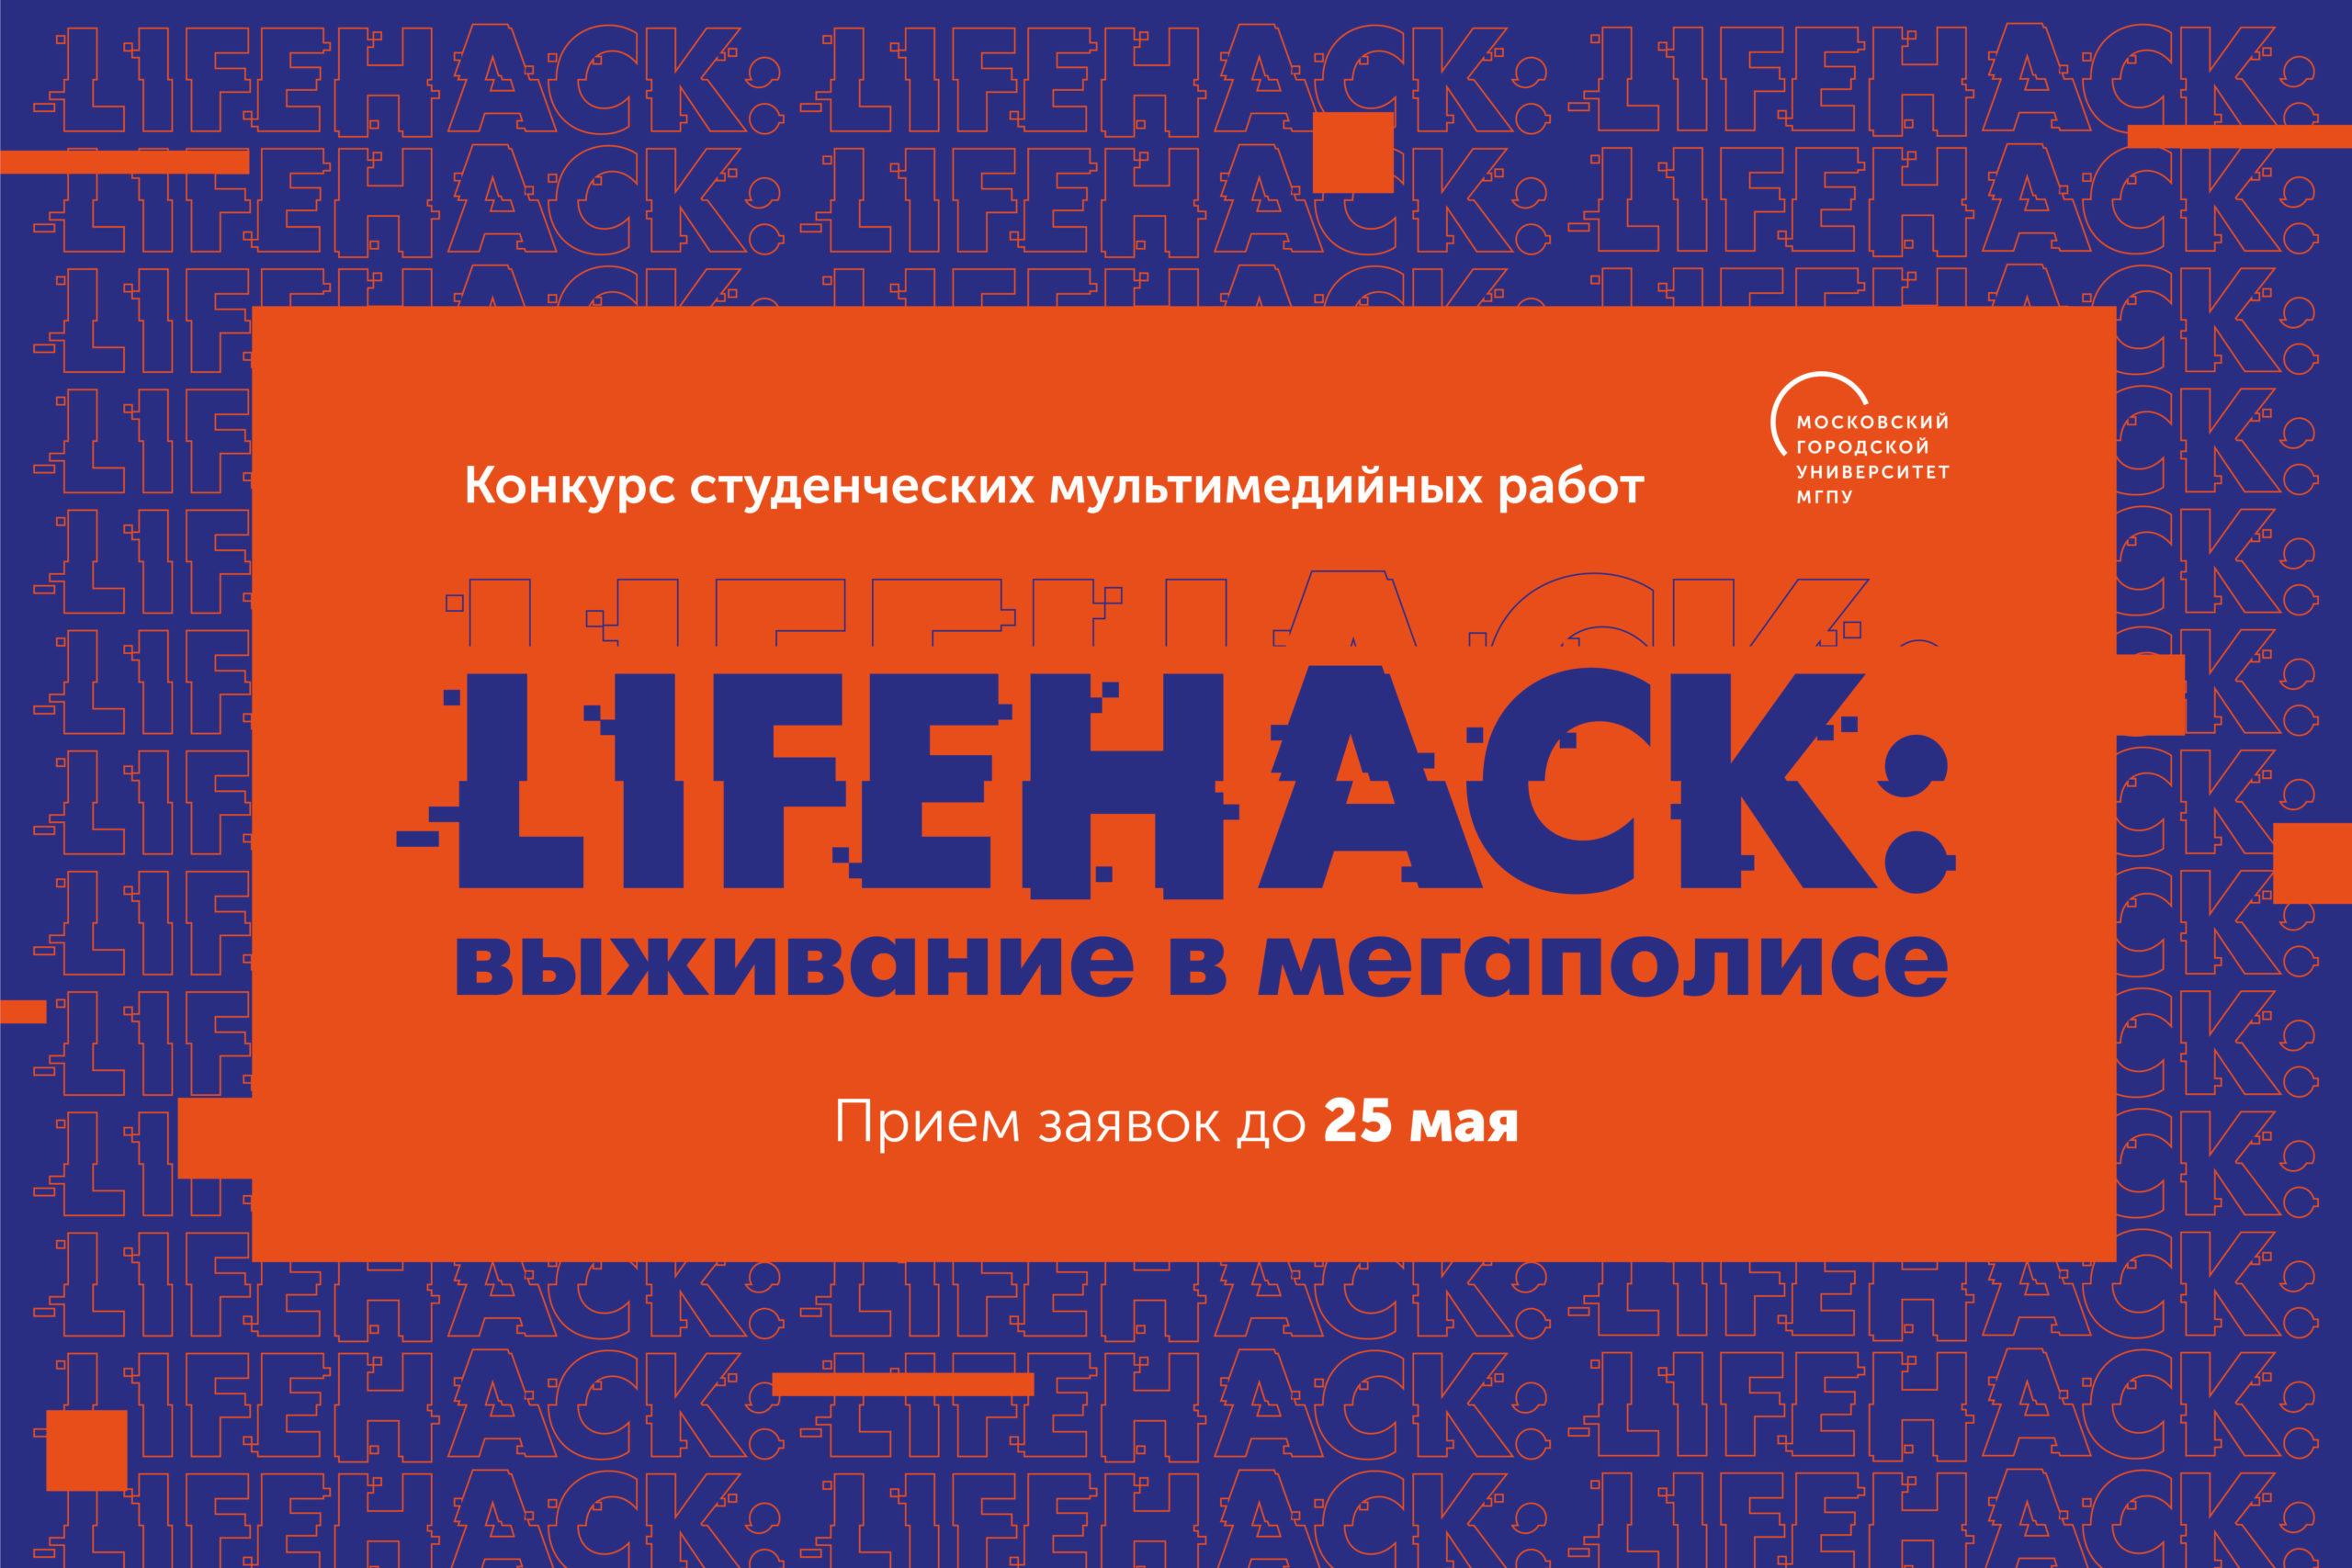 Конкурс Lifehack МГПУ